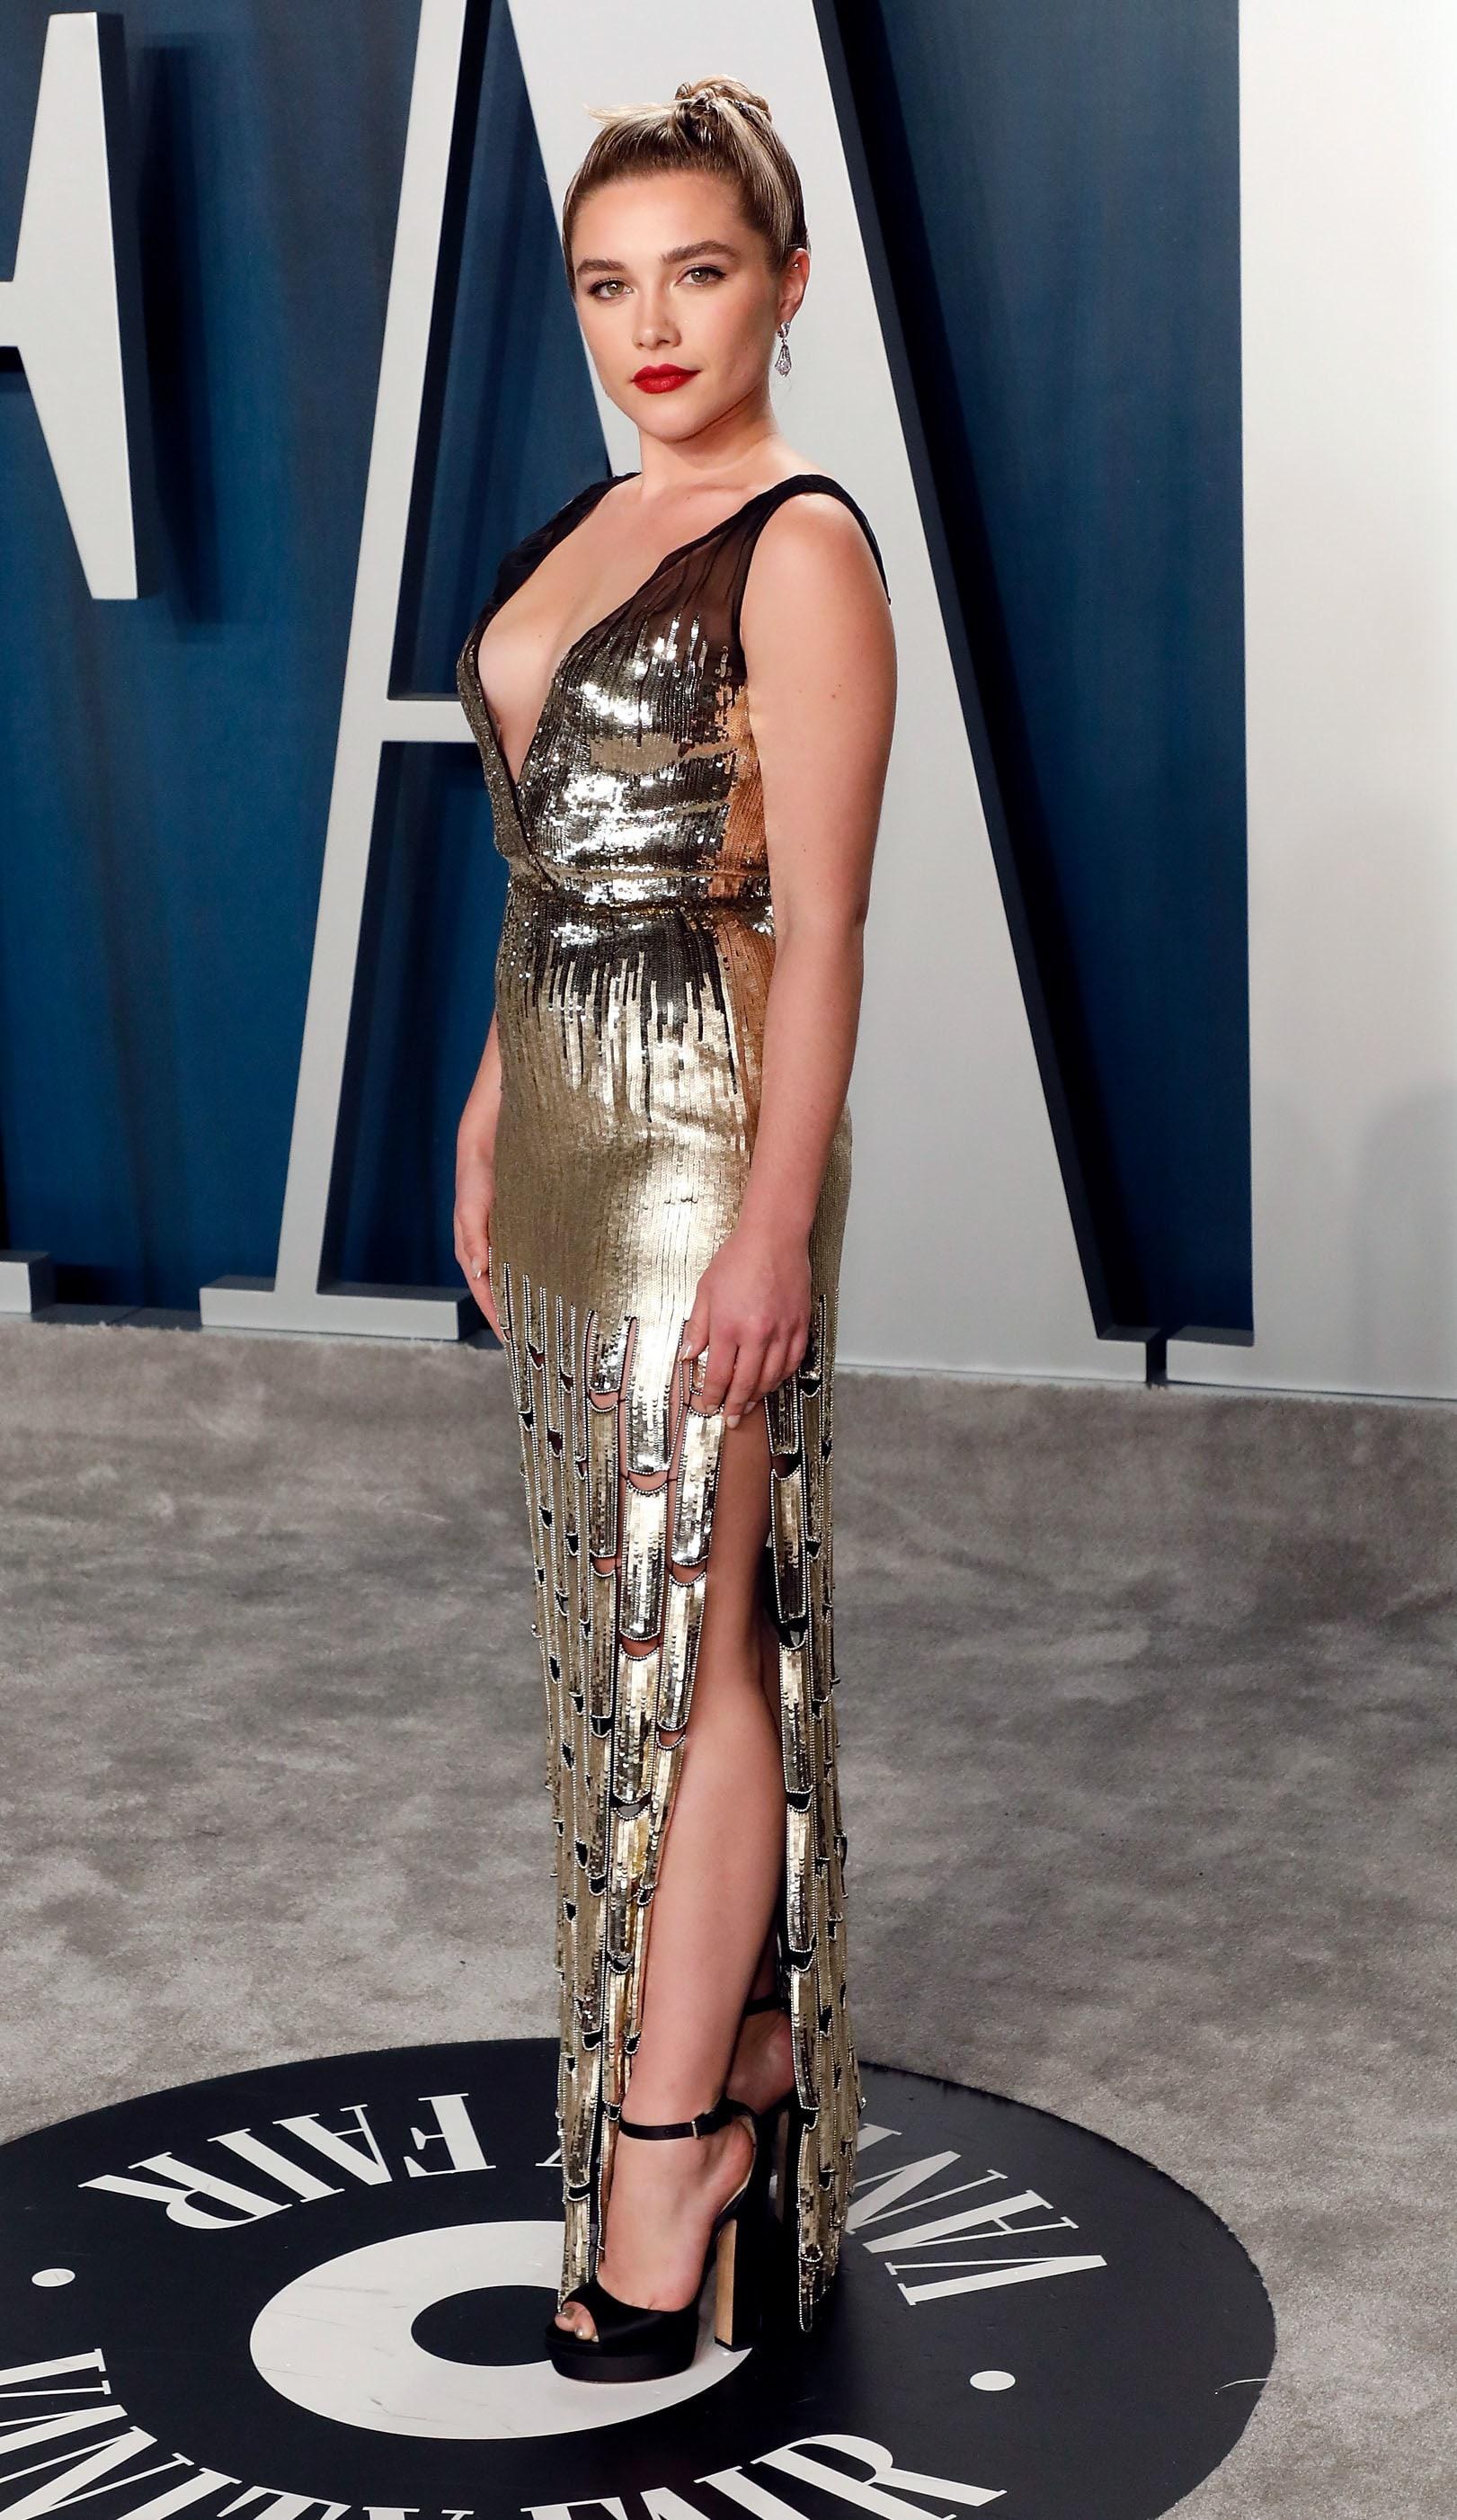 Florence Pugh wearing MAXI